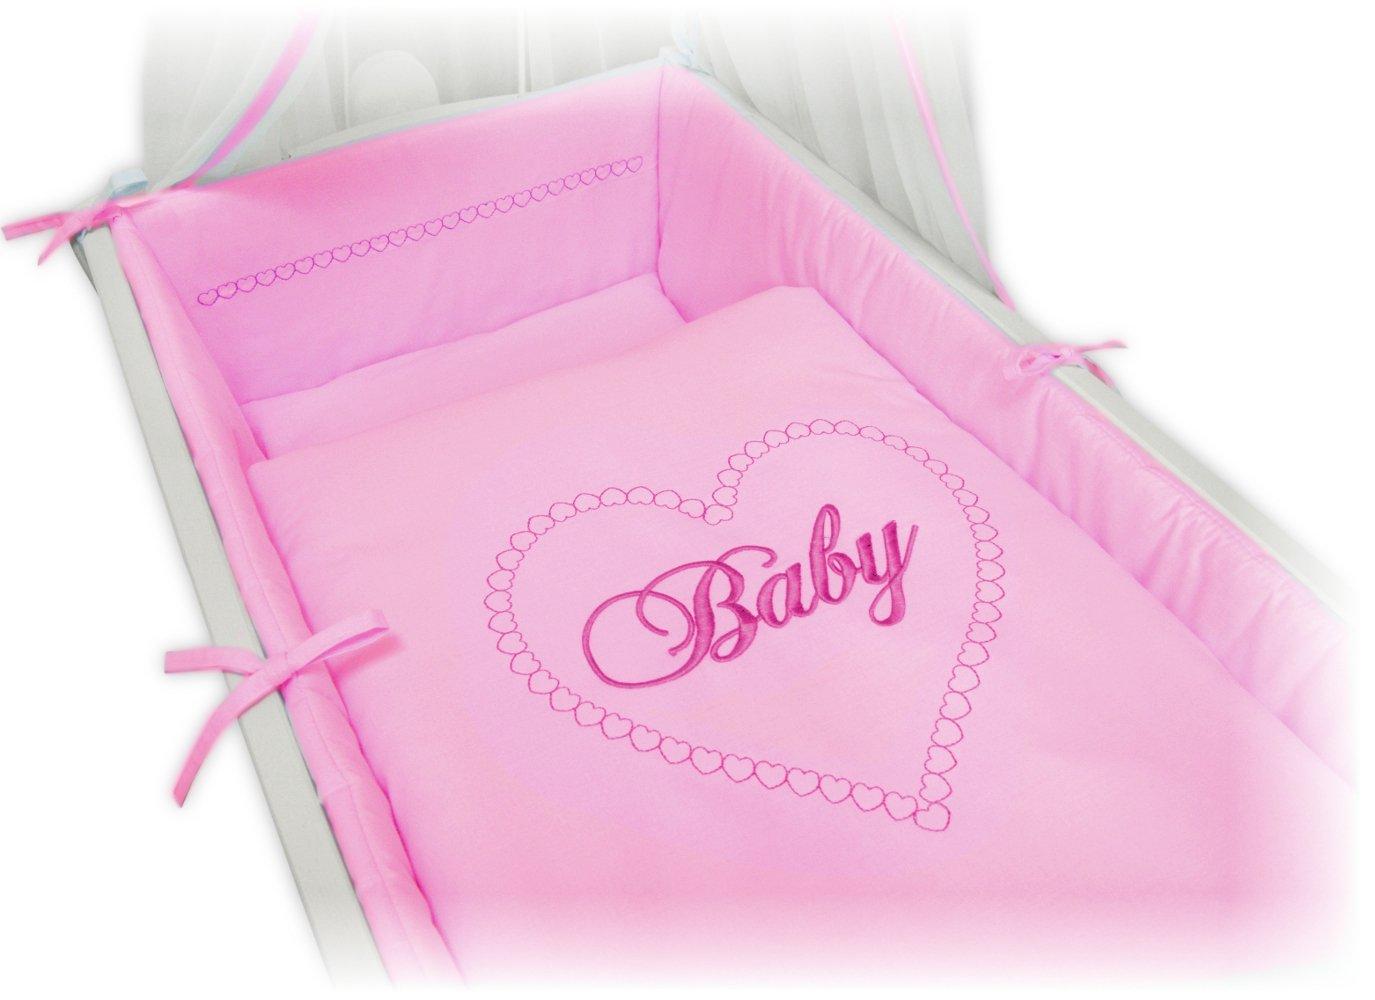 Niuxen 426 522 wiegen set baby 6 tlg.: amazon.de: baby